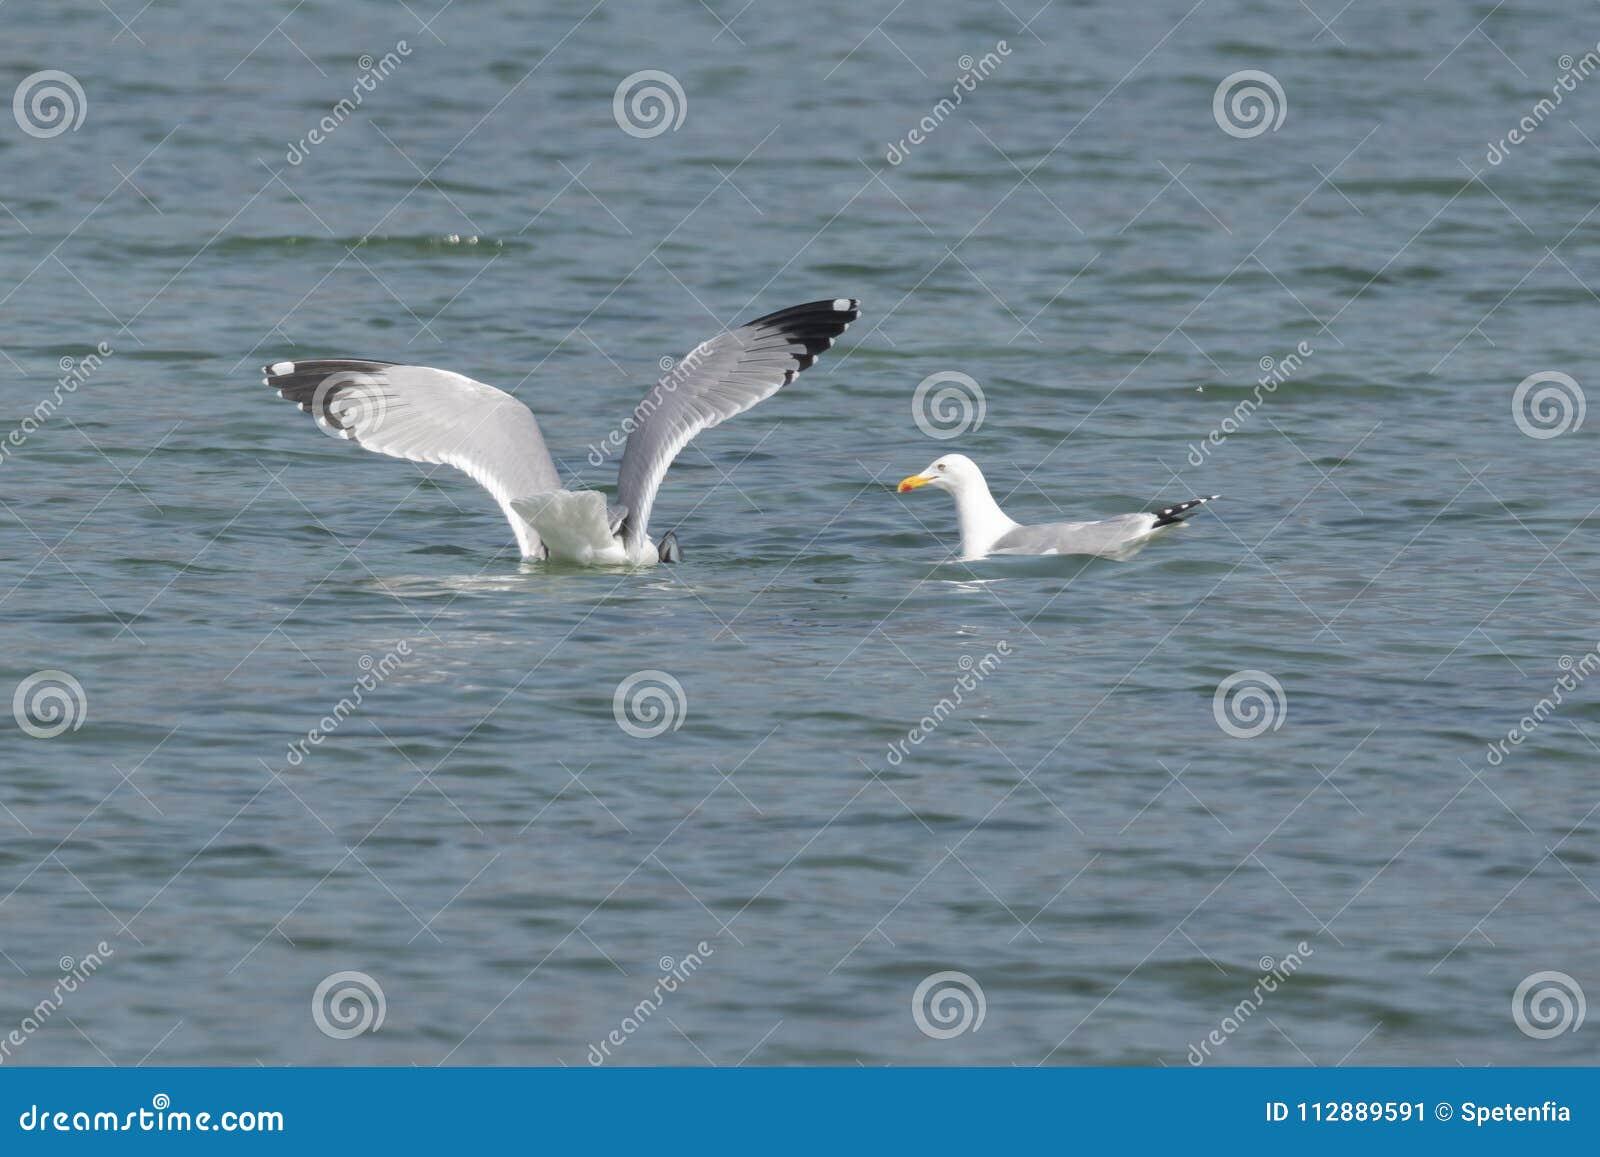 Volo del gabbiano sul lago